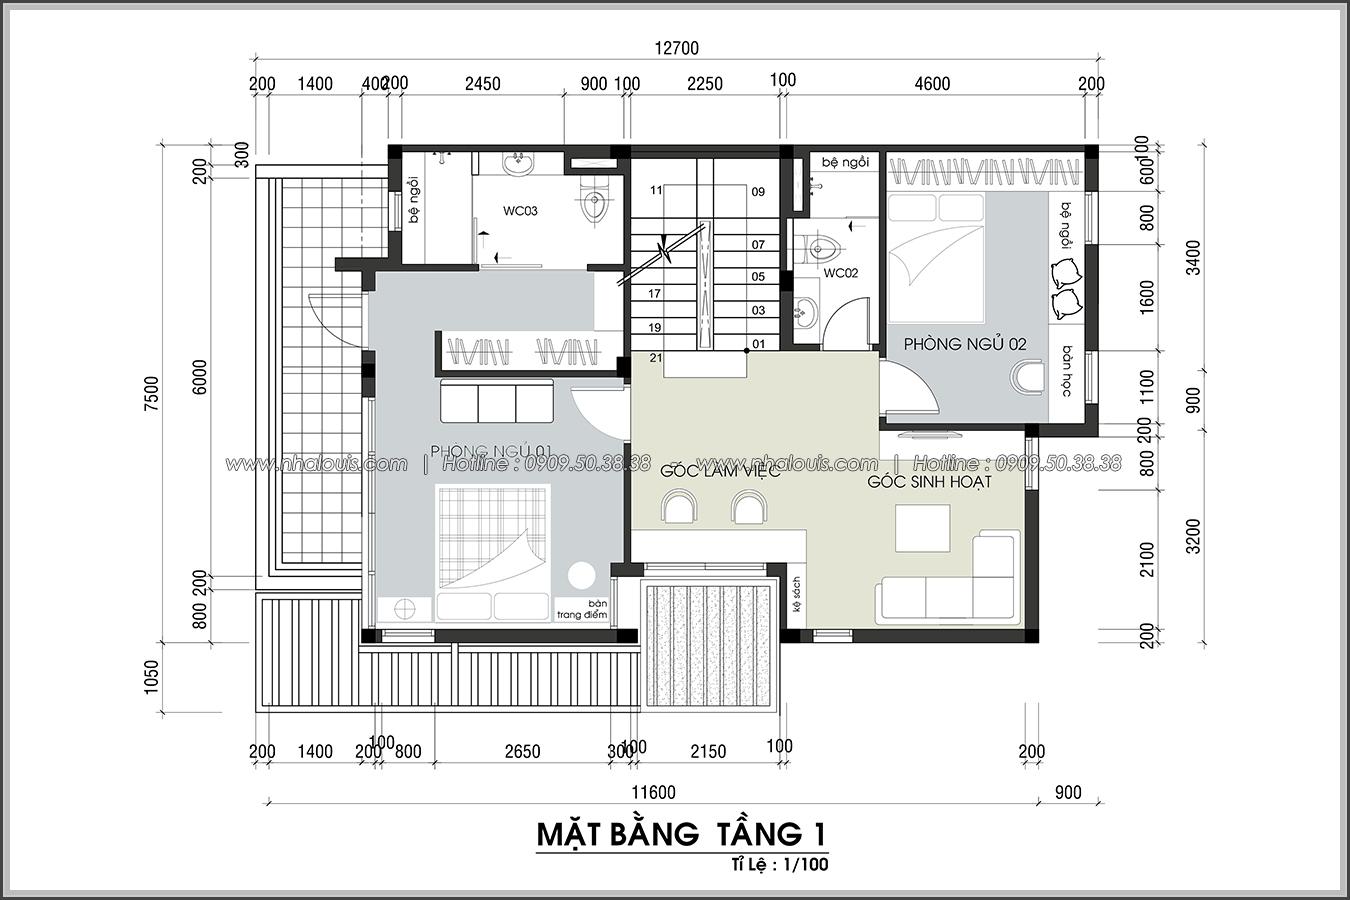 Thiết kế biệt thự 3 tầng đẹp tại dự án Lucasta Villa đẳng cấp - 18